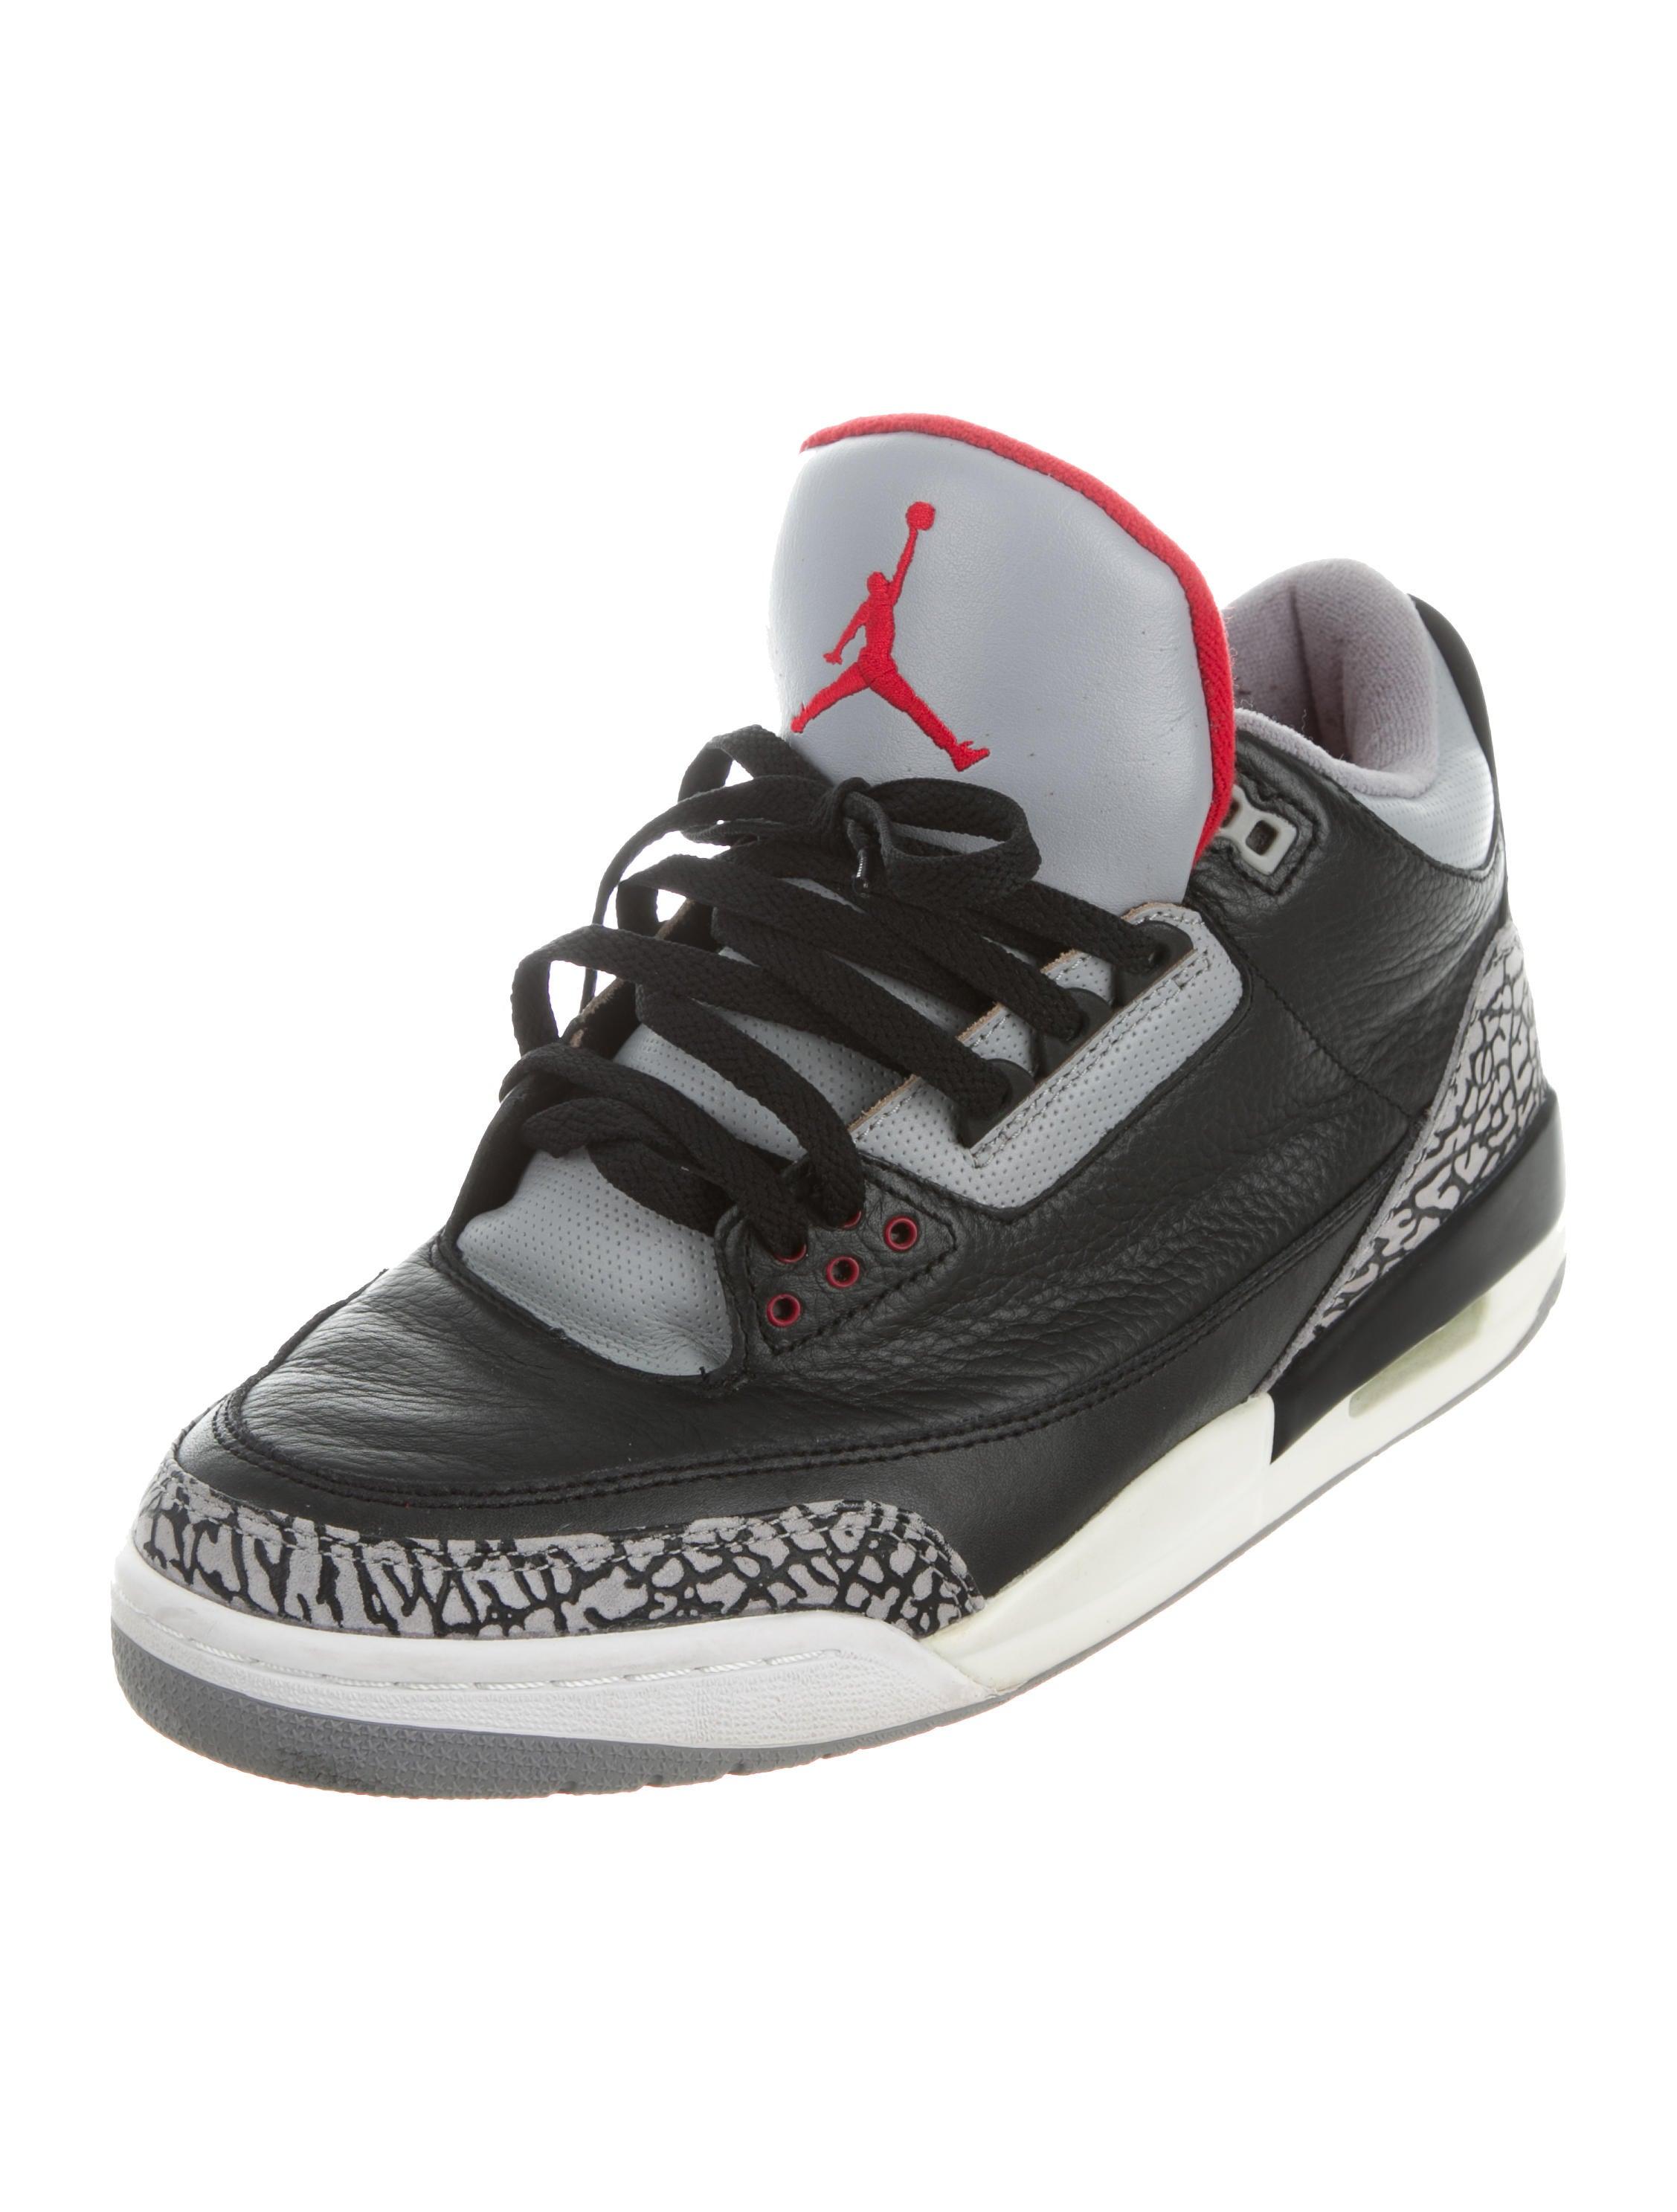 nike air jordan air jordan 3 retro sneakers shoes wniaj20035 the realreal. Black Bedroom Furniture Sets. Home Design Ideas